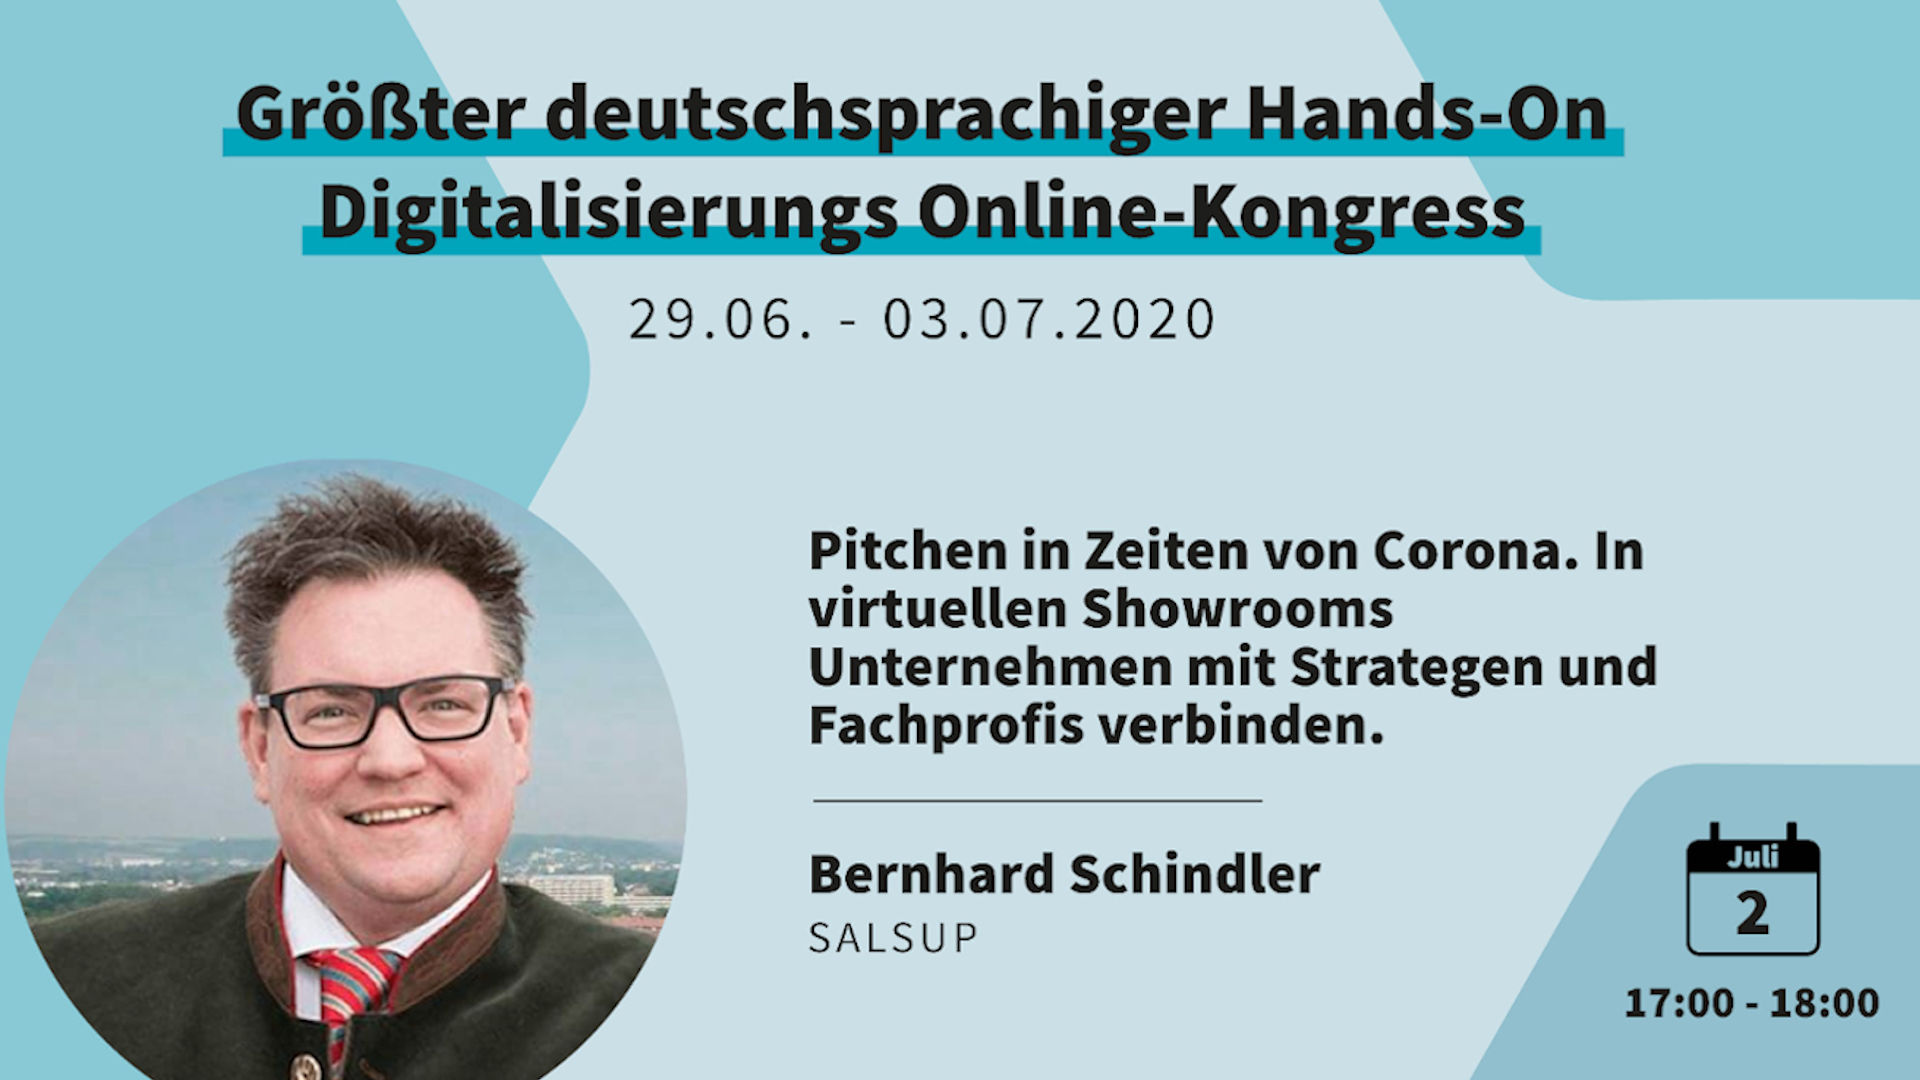 Digitalisierungswoche-Bernhard-Schindler